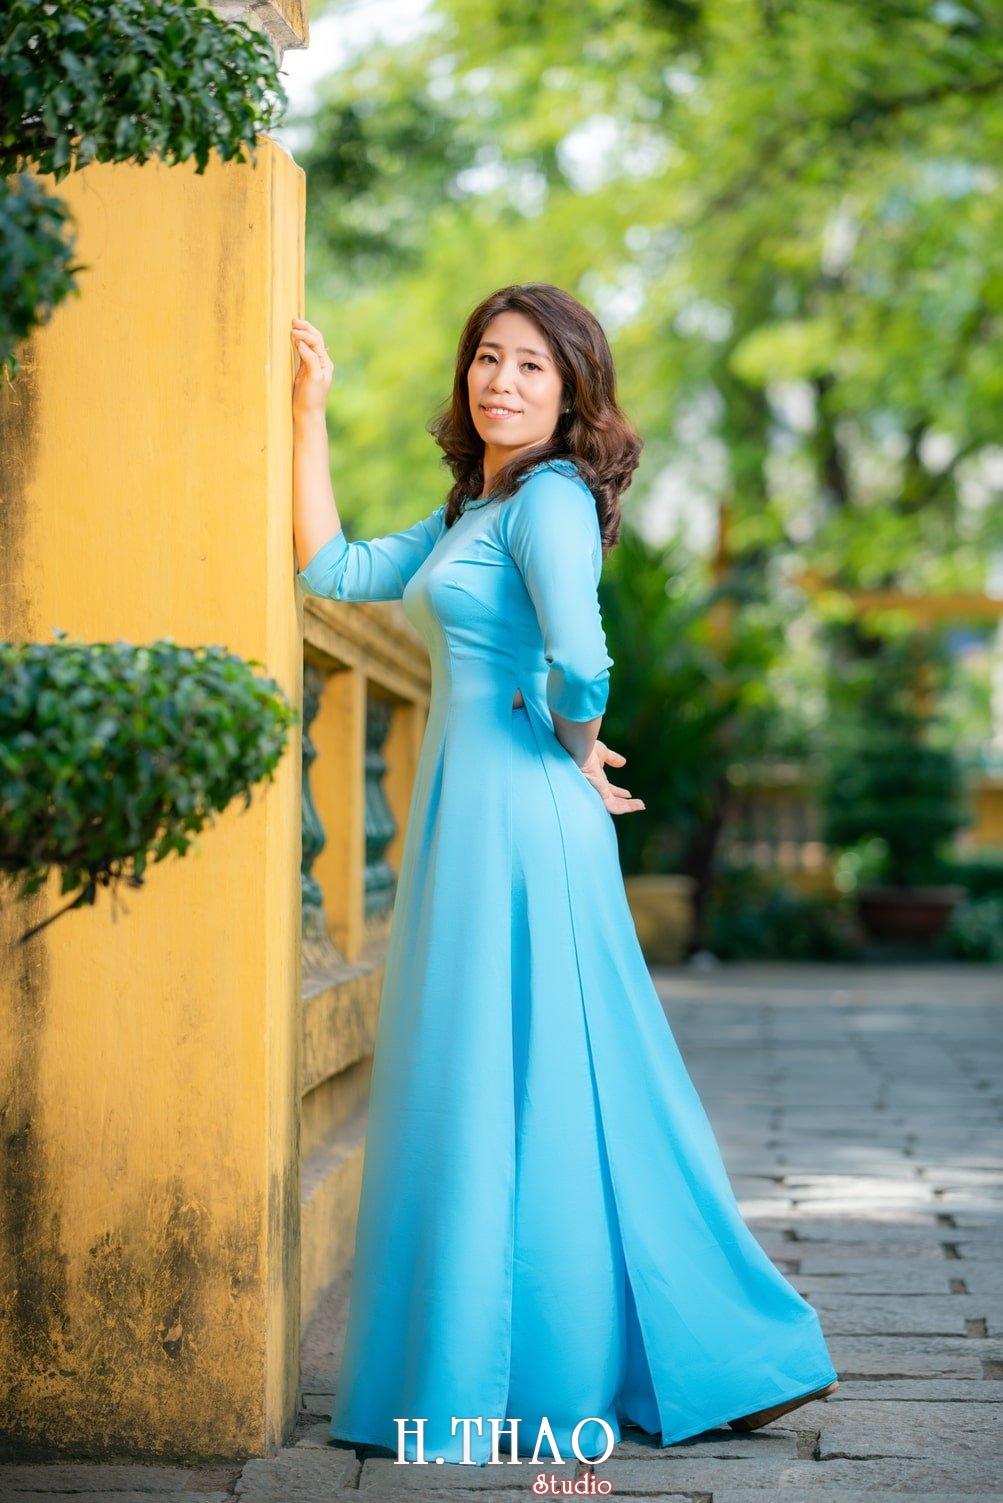 Ao dai lang ong ba chieu 12 1 - Album áo dài lăng ông bà chiểu chị Oanh - HThao Studio